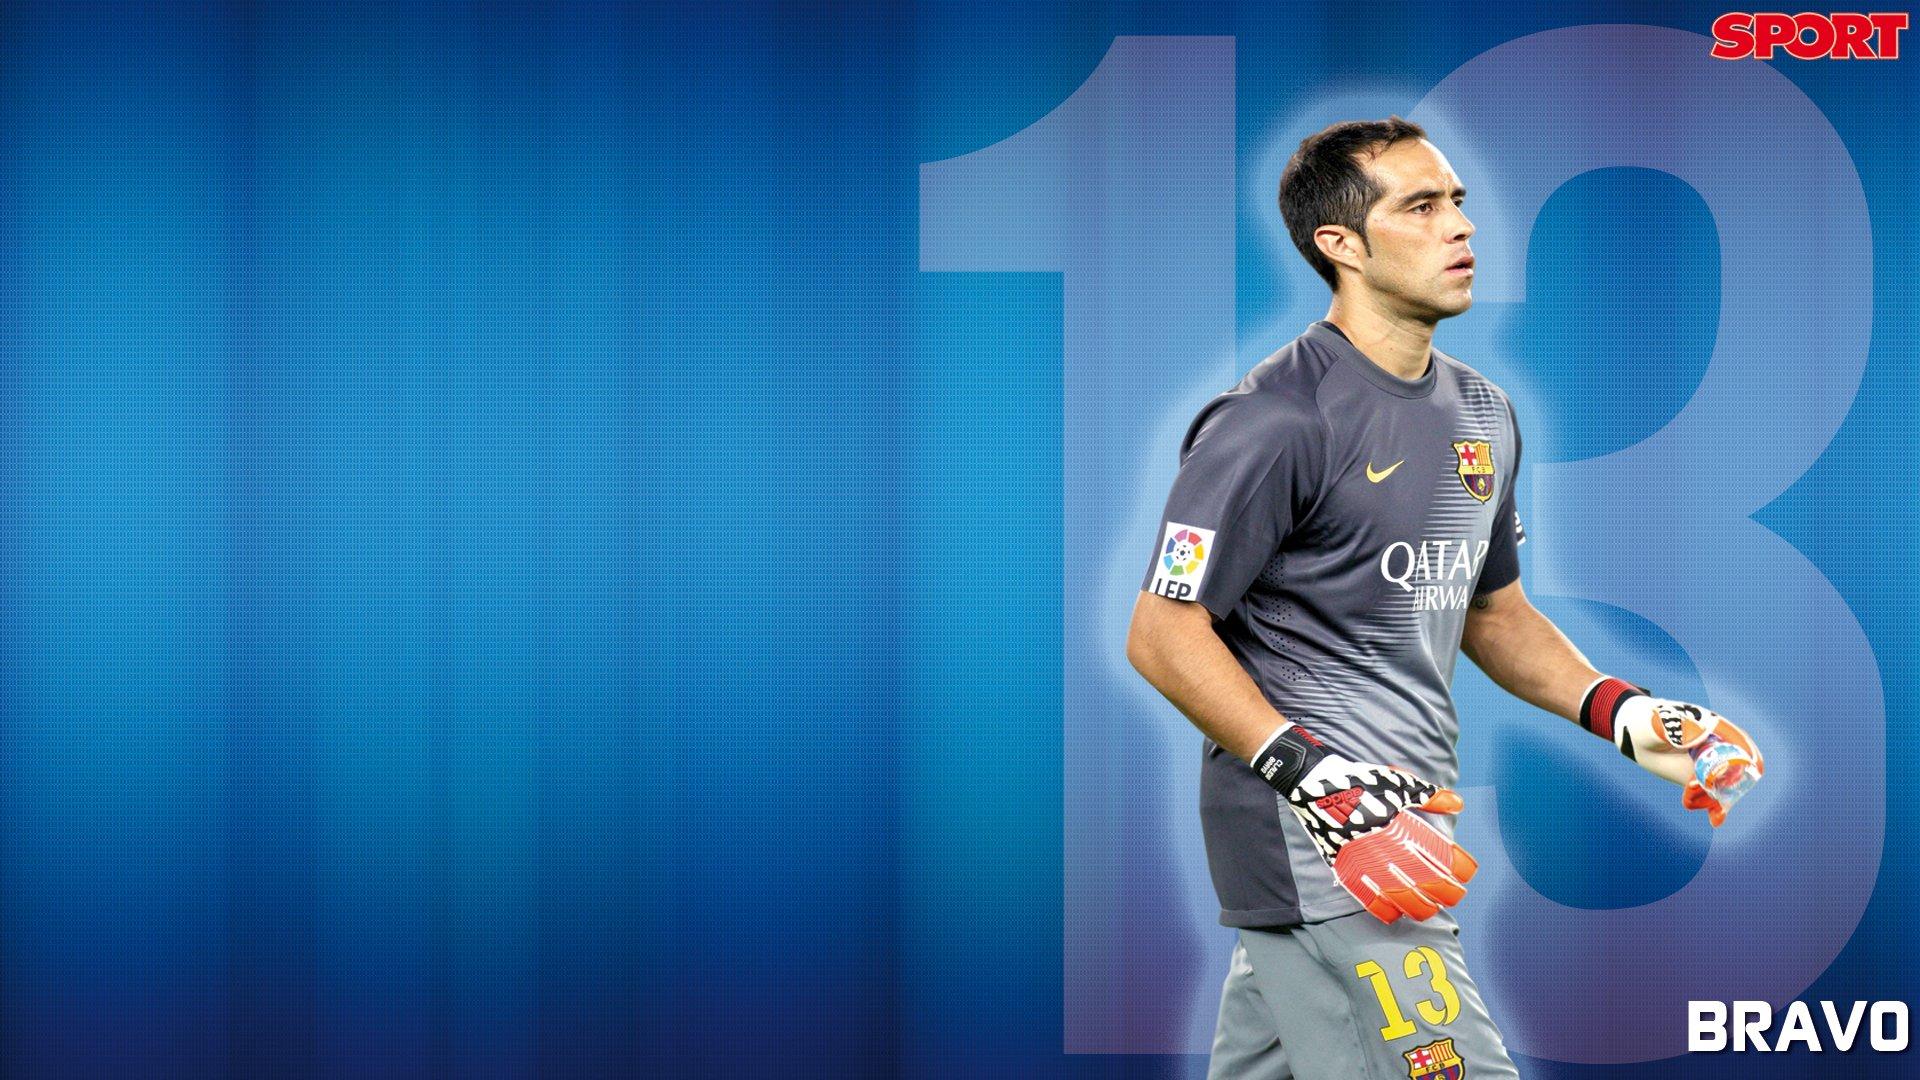 Claudio Bravo F C Barcelona Futbolista Hombre Chile